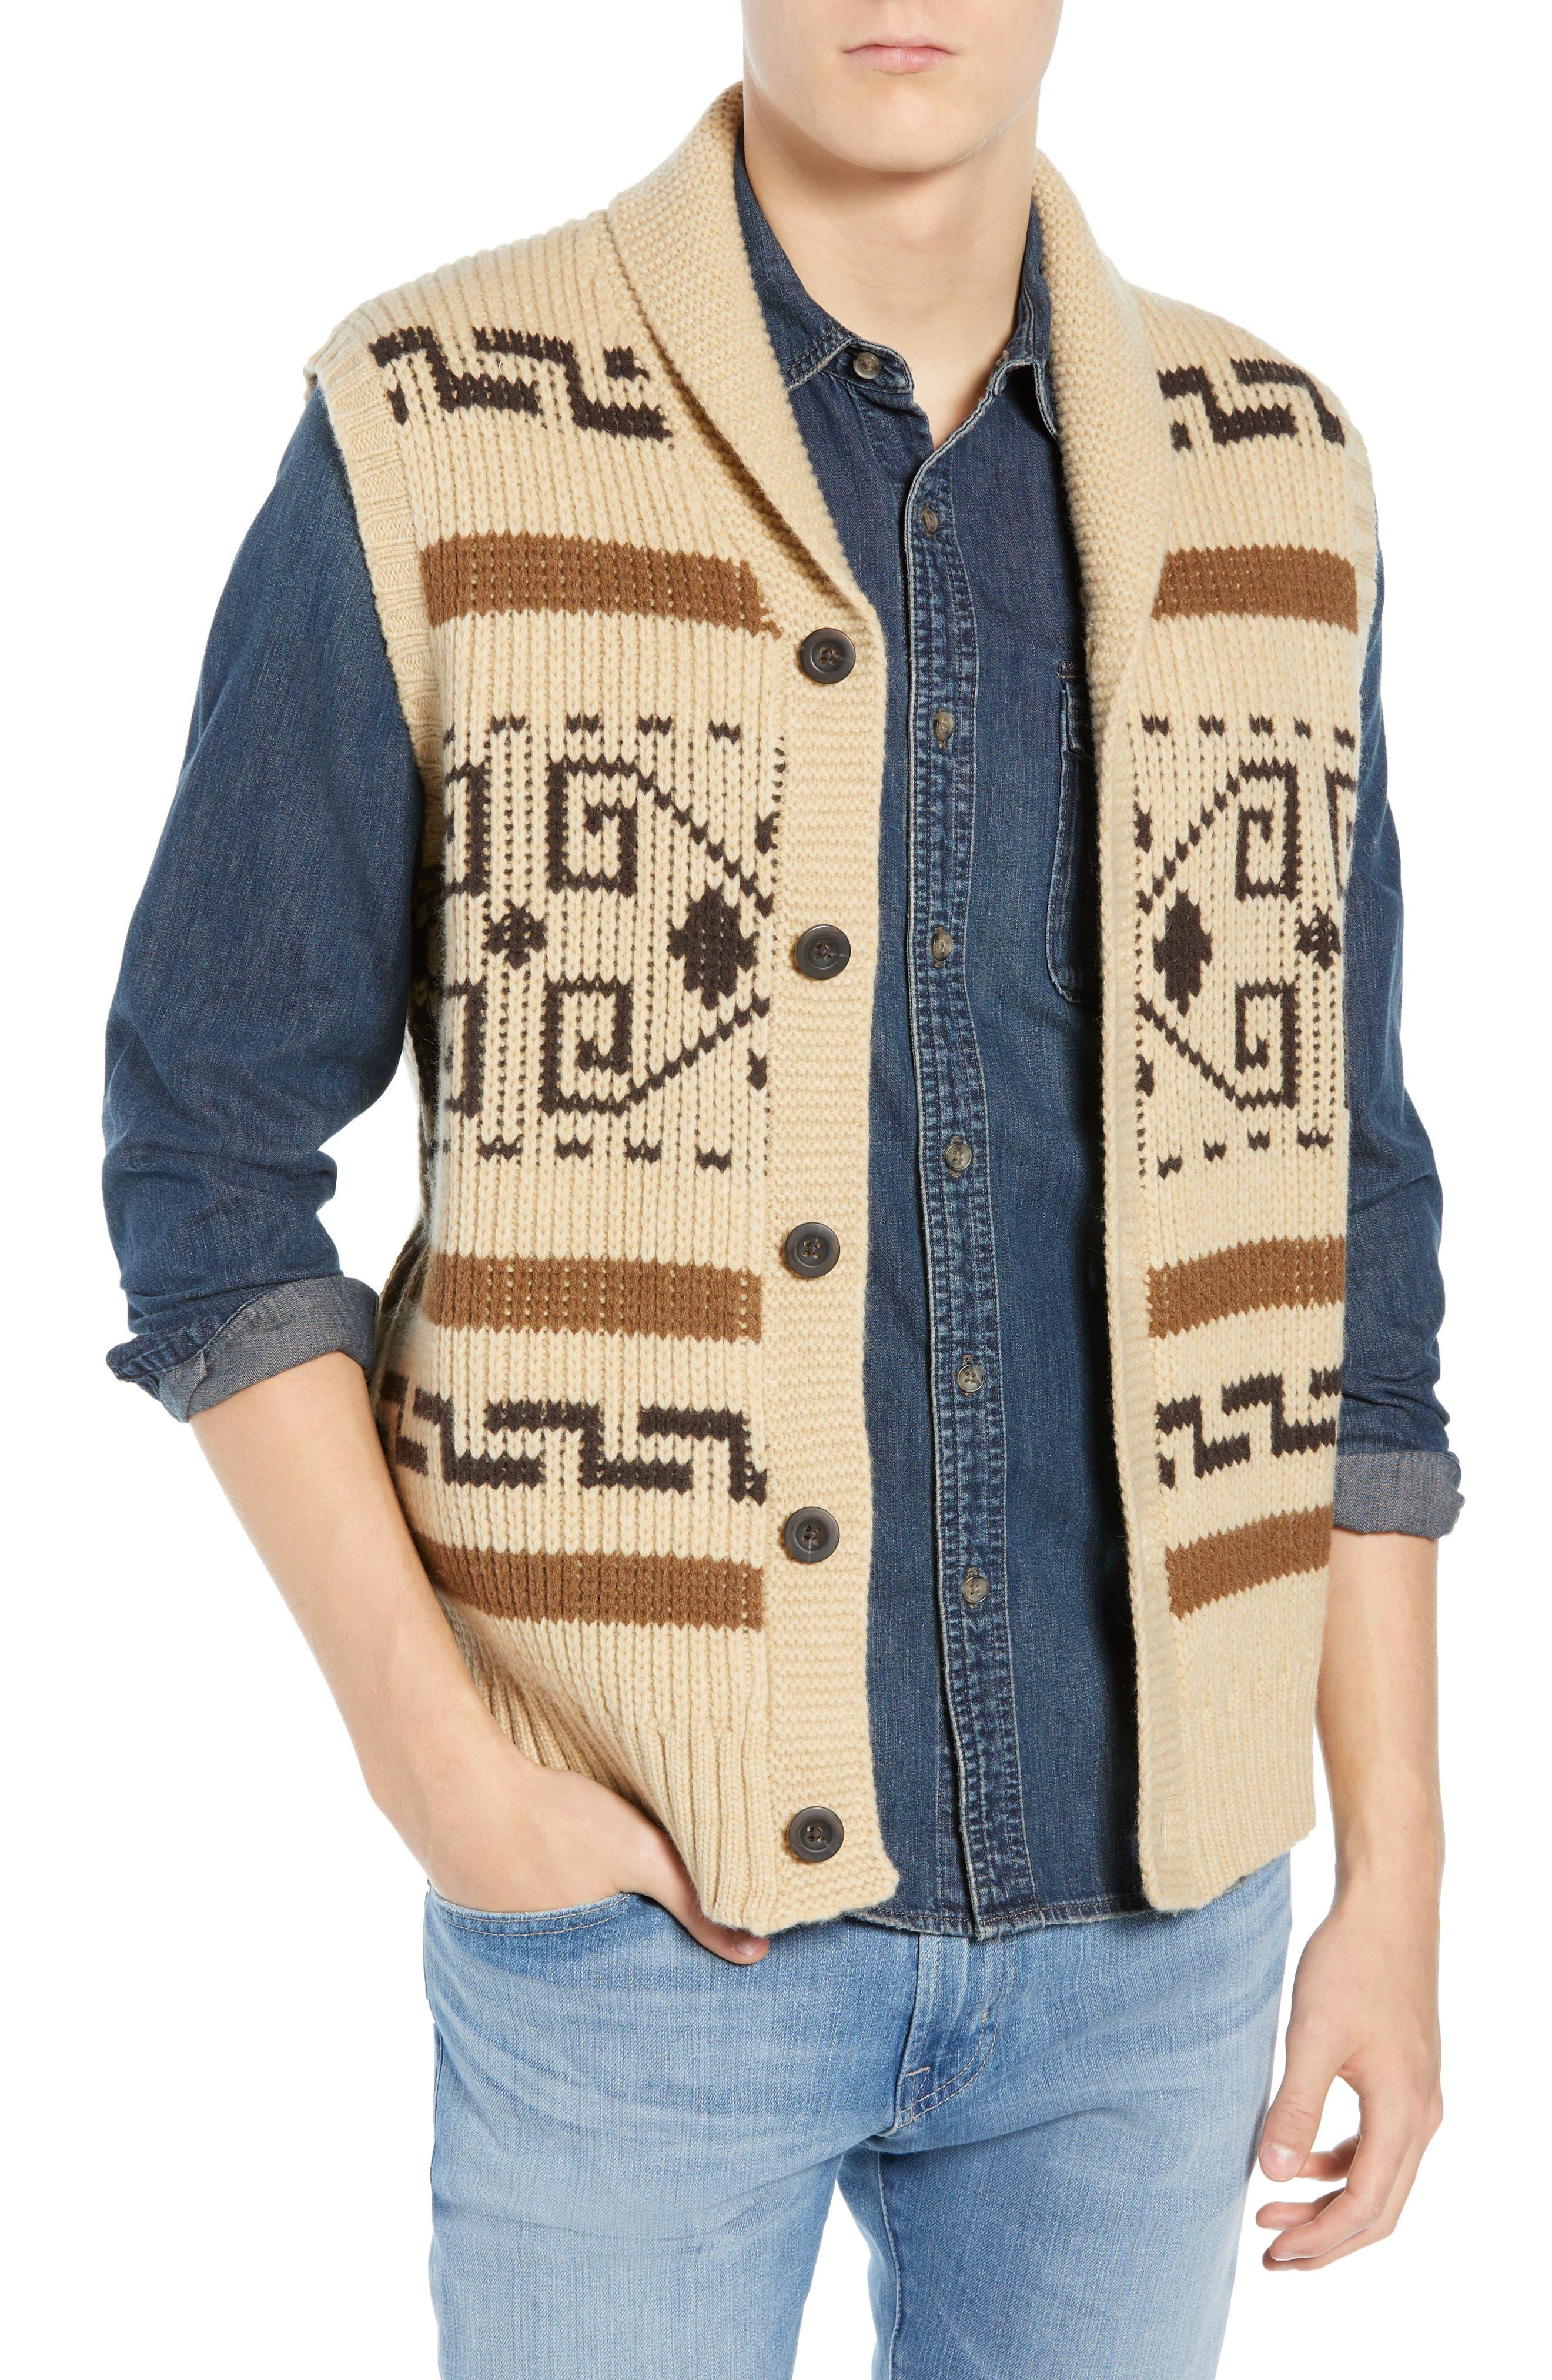 Original Westerley Sweater Vest,                             Main thumbnail 1, color,                             TAN/ BROWN